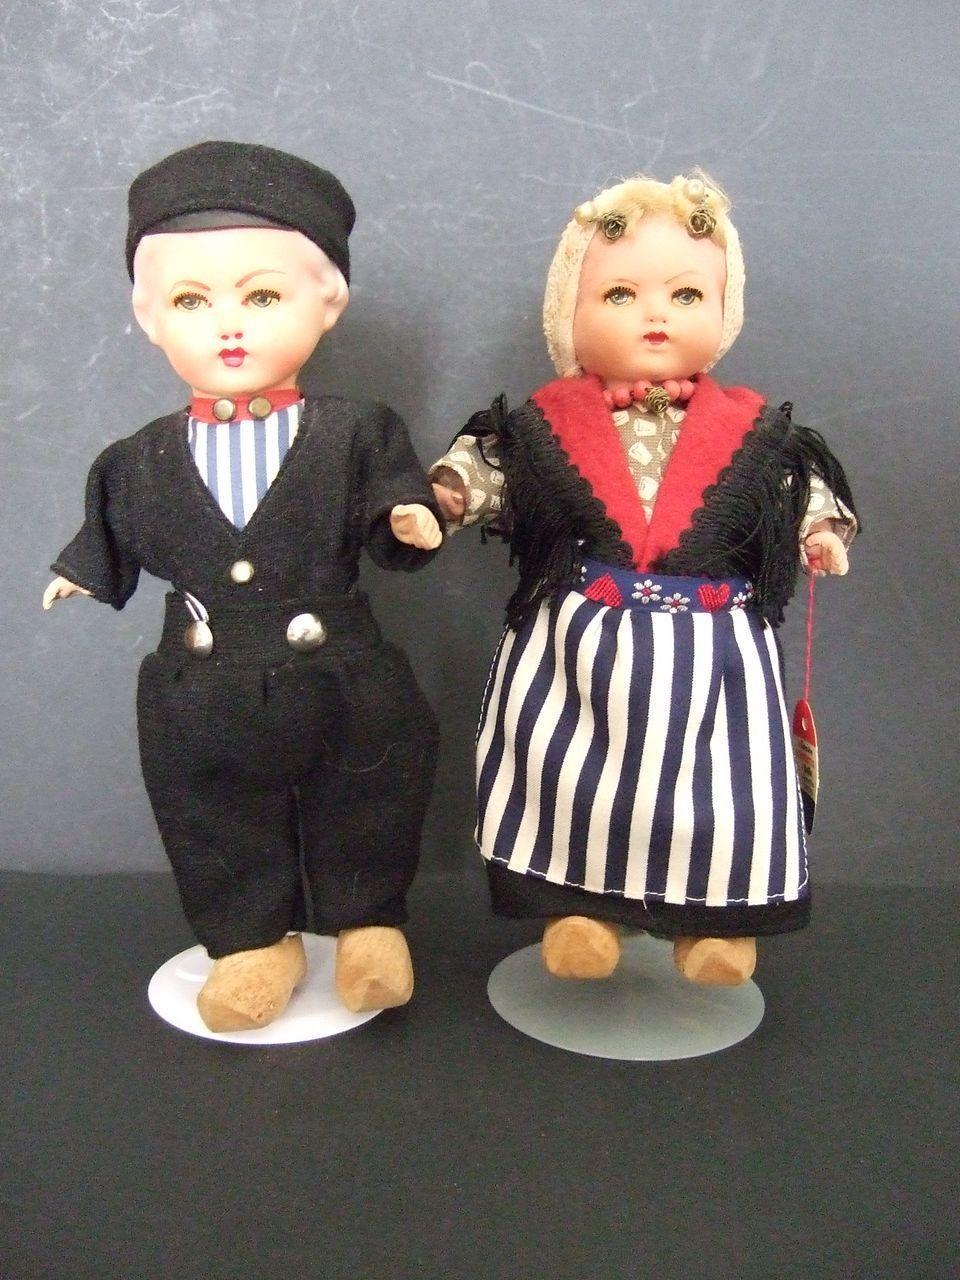 Par of Rozetta Dolls